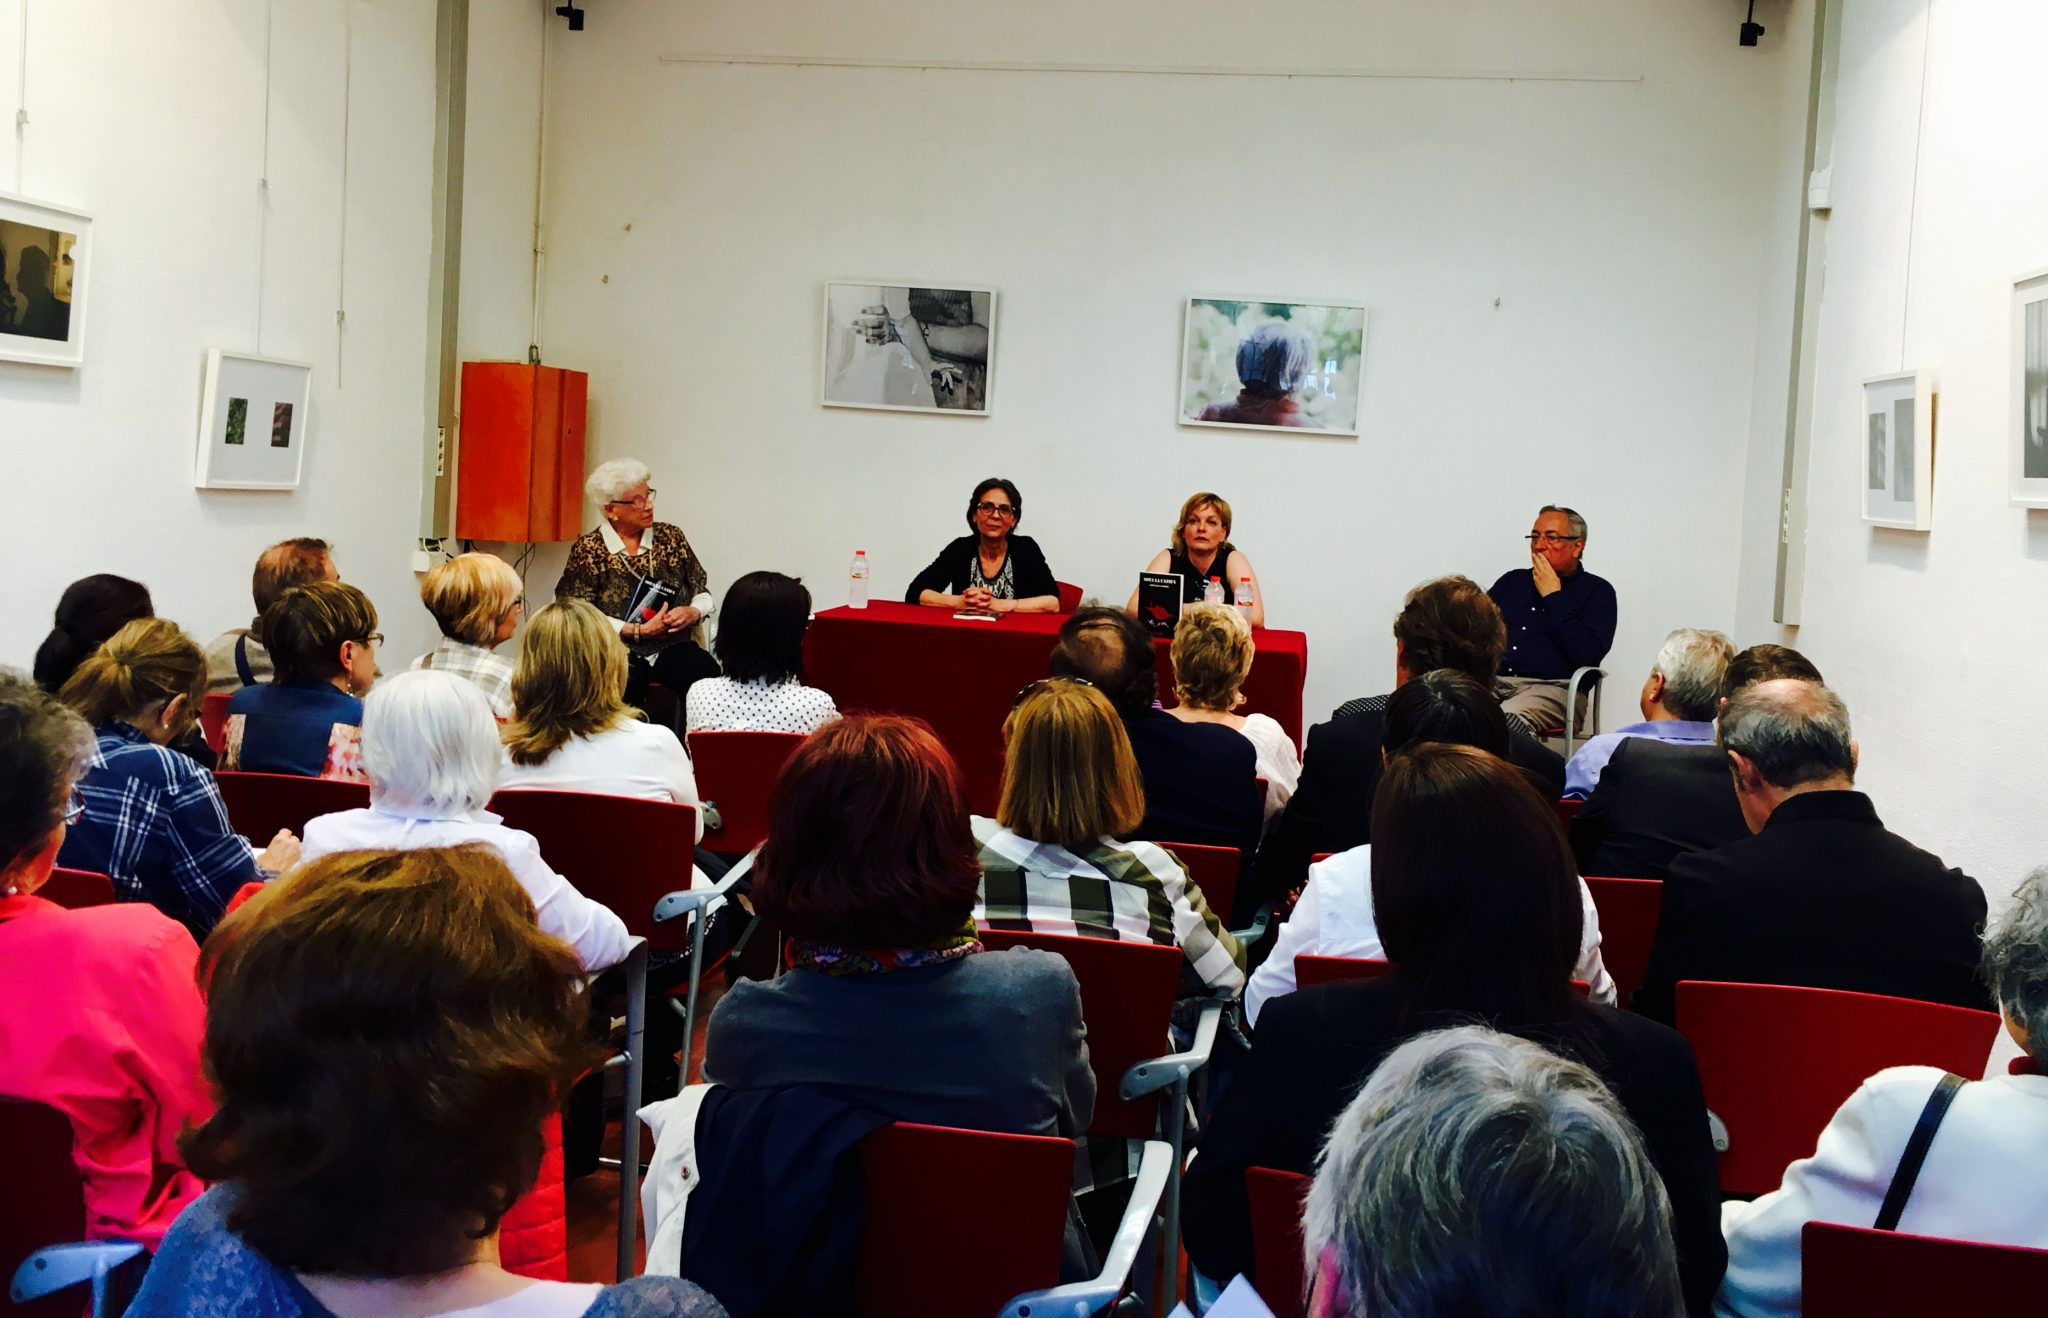 Presentació Sota la catifa de Gervasi S. Sarrià al Centre Cívic Casa Sagnier